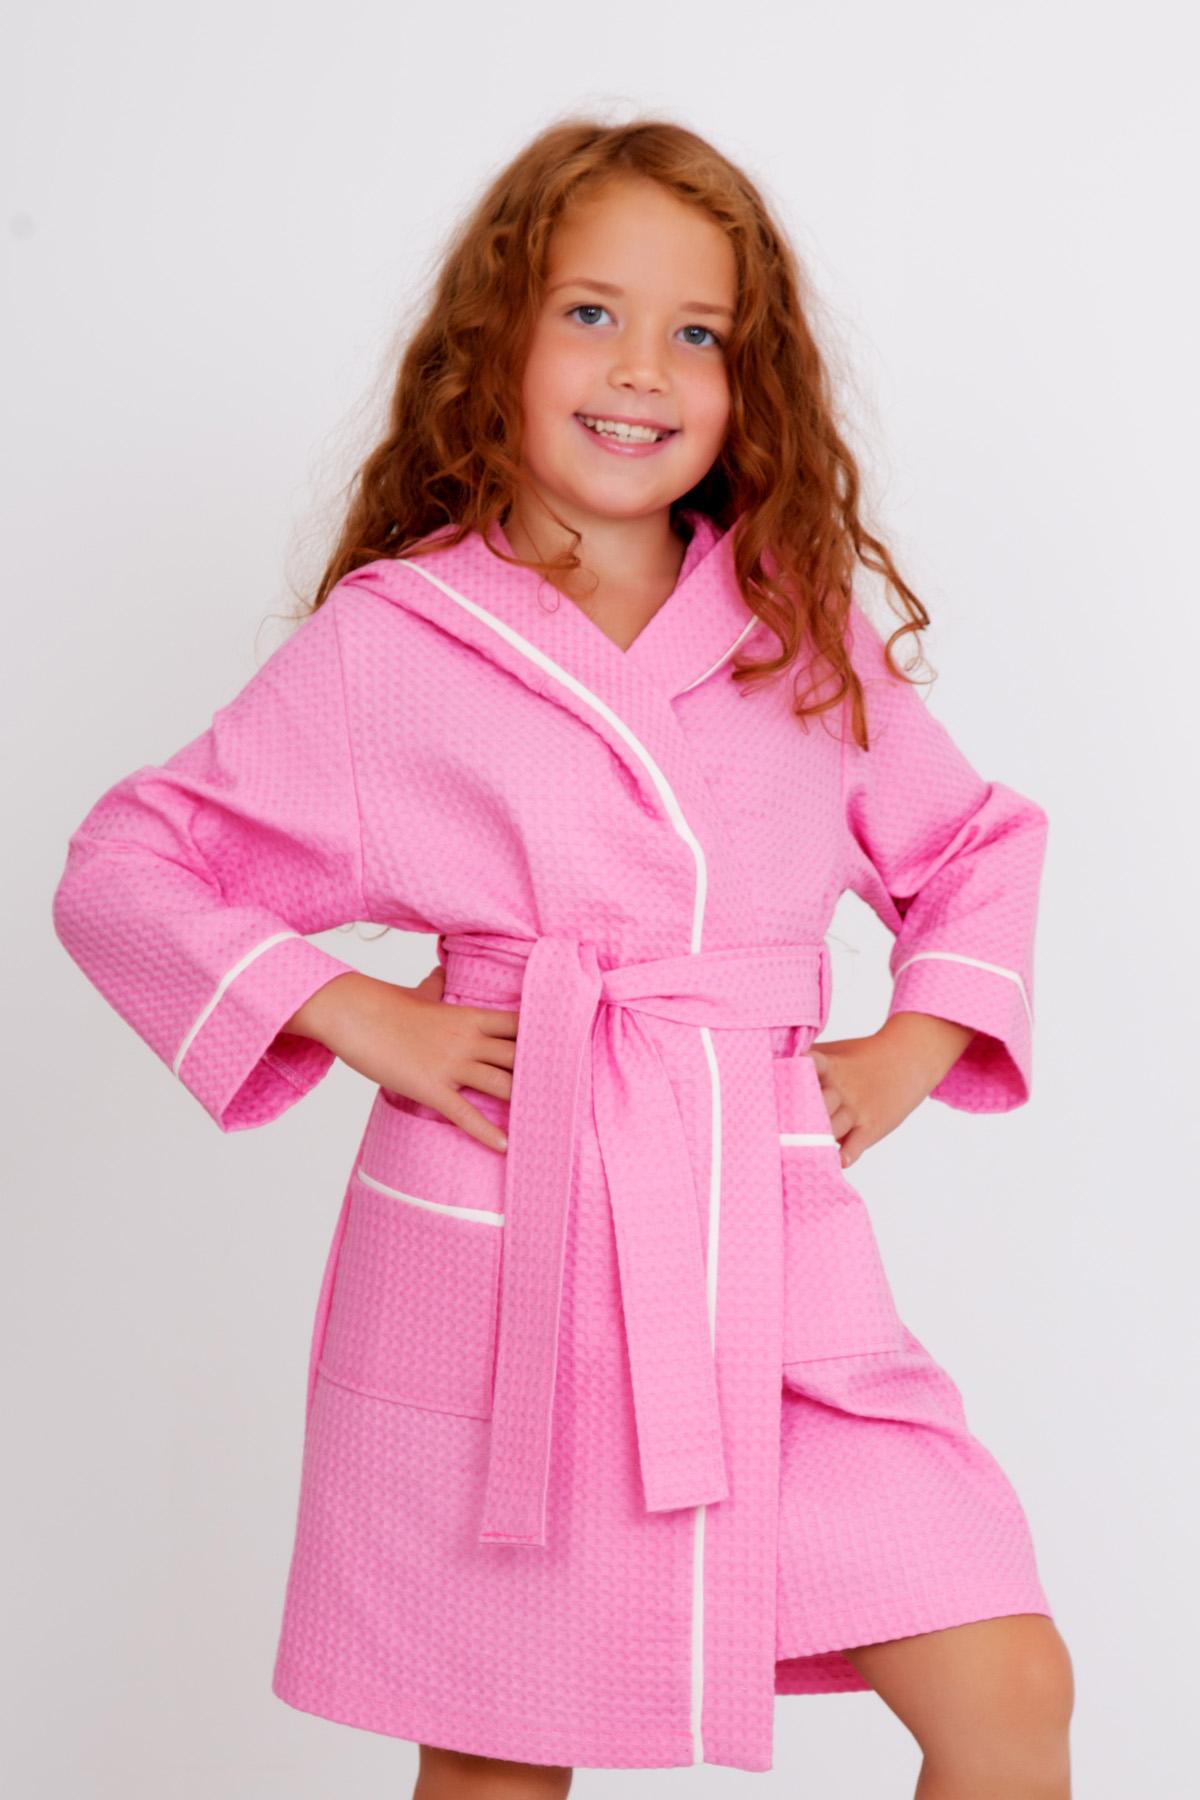 Дет. халат Банный Розовый р. 32Халаты<br><br><br>Тип: Дет. халат<br>Размер: 32<br>Материал: Вафельное полотно